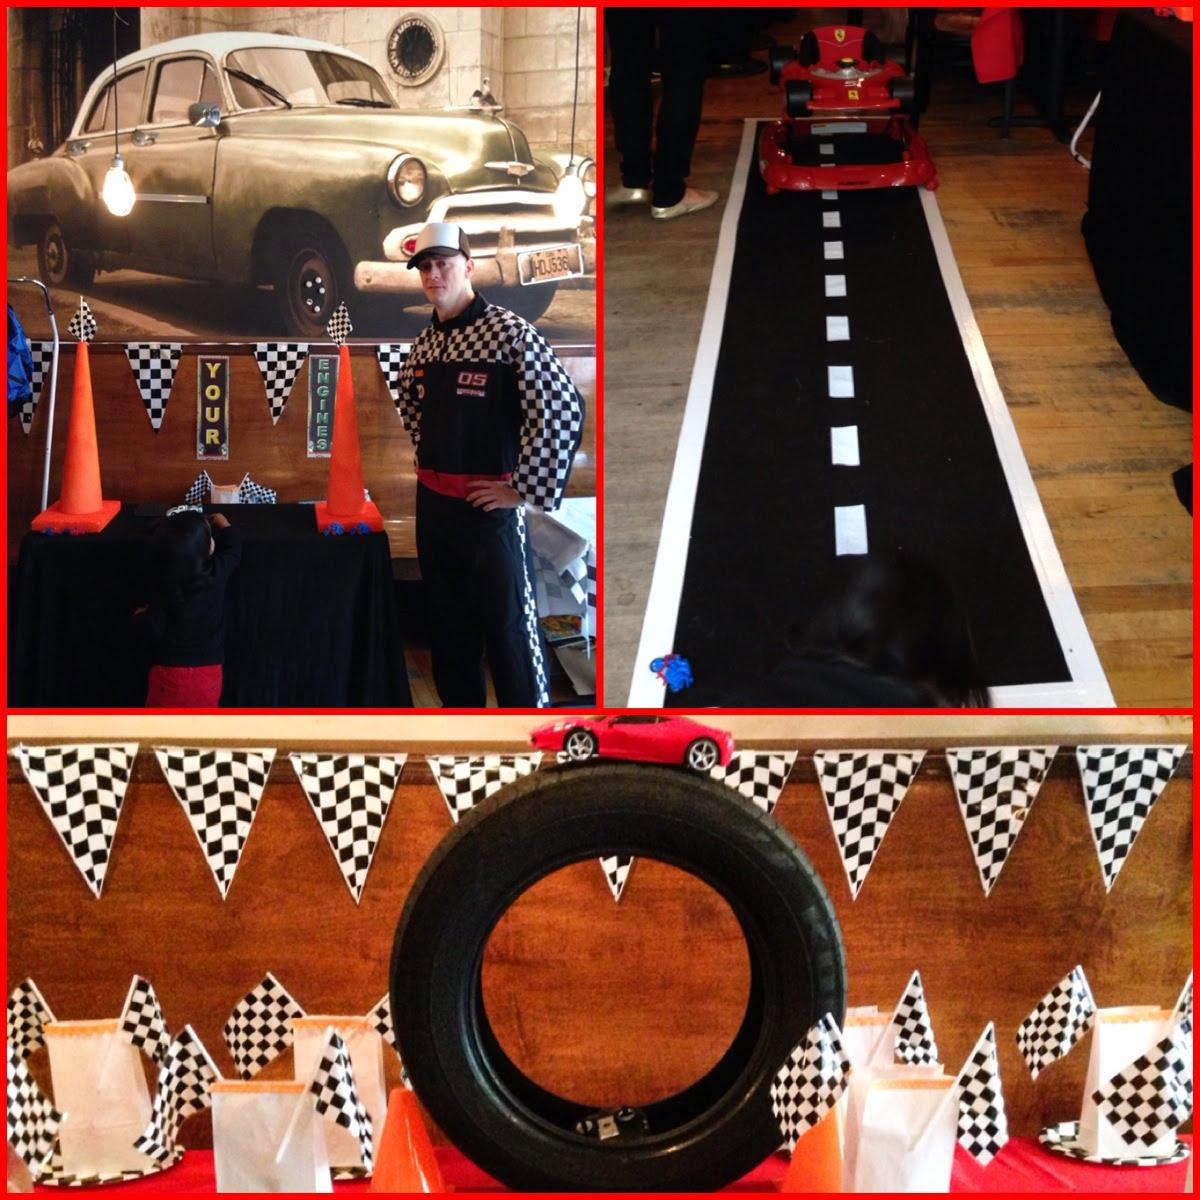 Birthday Party Entertainment Nj: Race Car Party, NJ Princess Parties, Princess Appearances